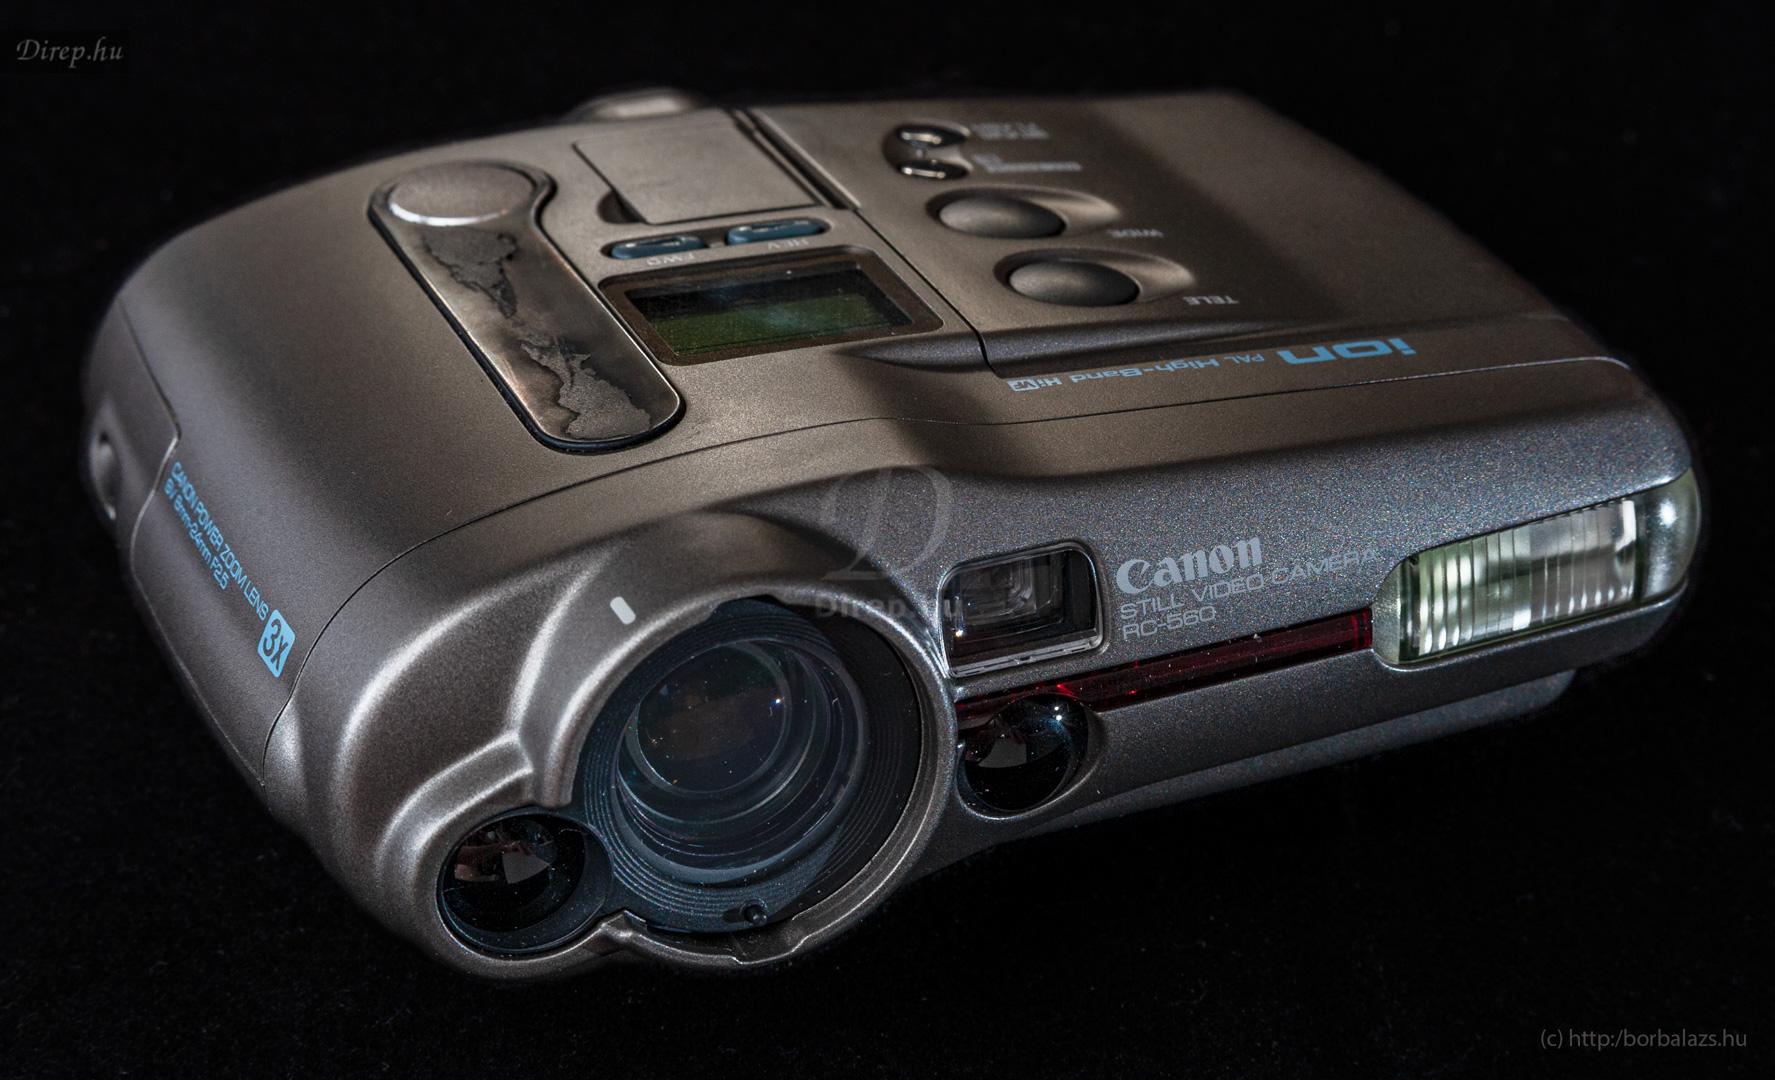 Canon RC-560 still video camera